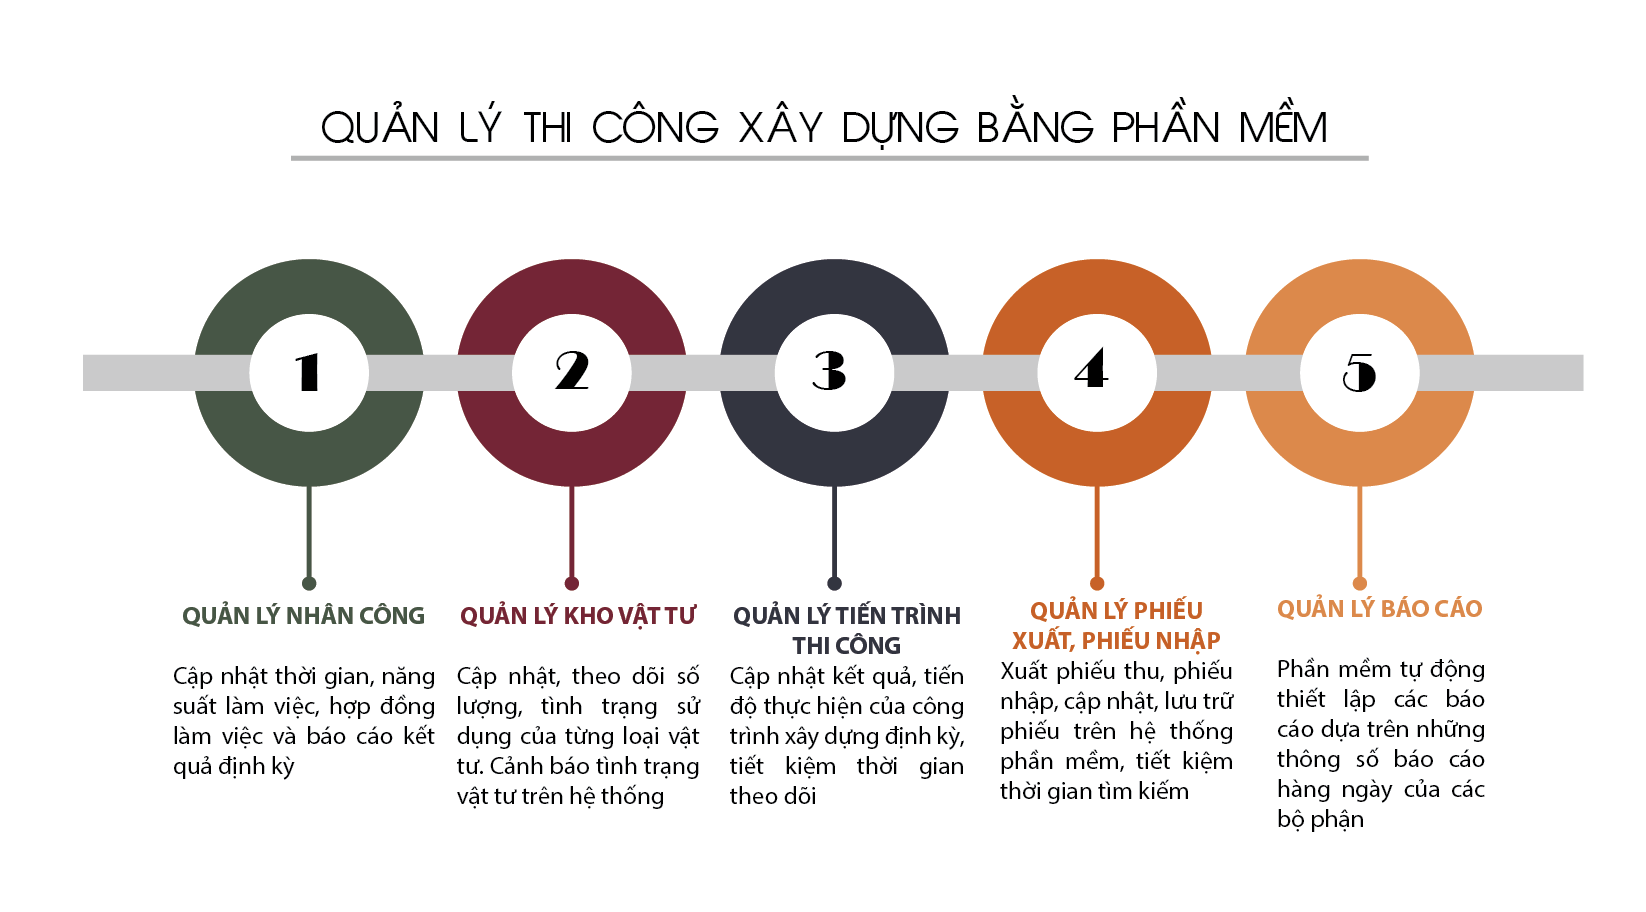 quan-ly-thi-cong-xd-bang-phan-mem